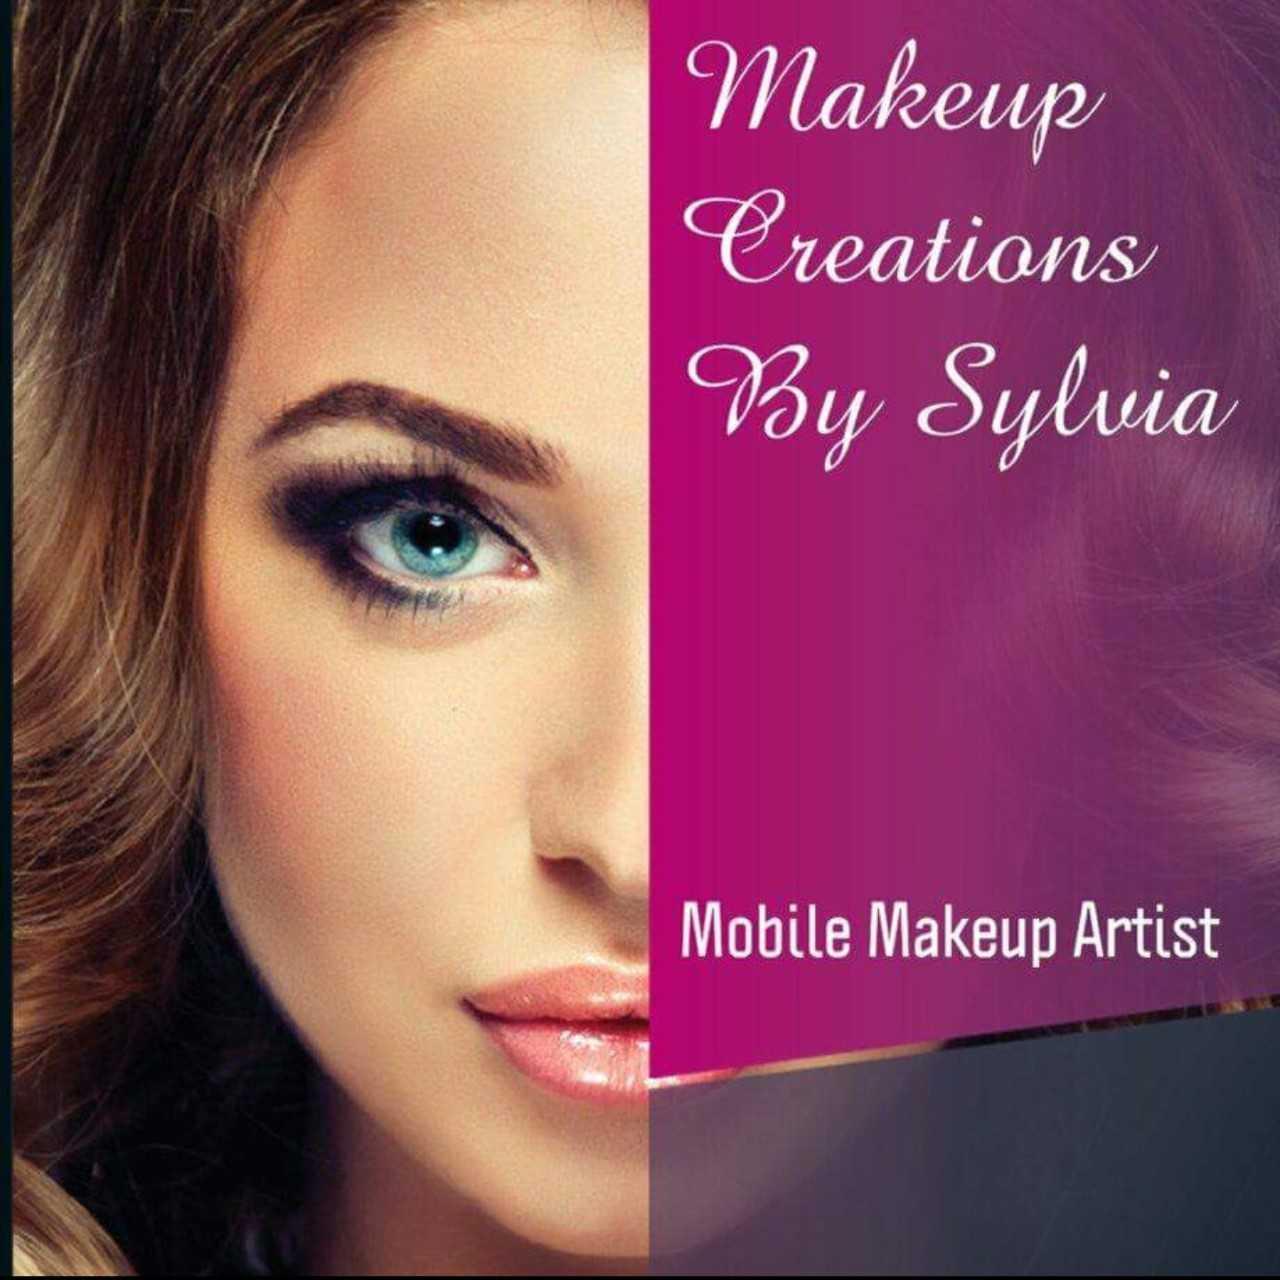 Makeup Creations by Sylvia is run by Sylvia Magdalena.